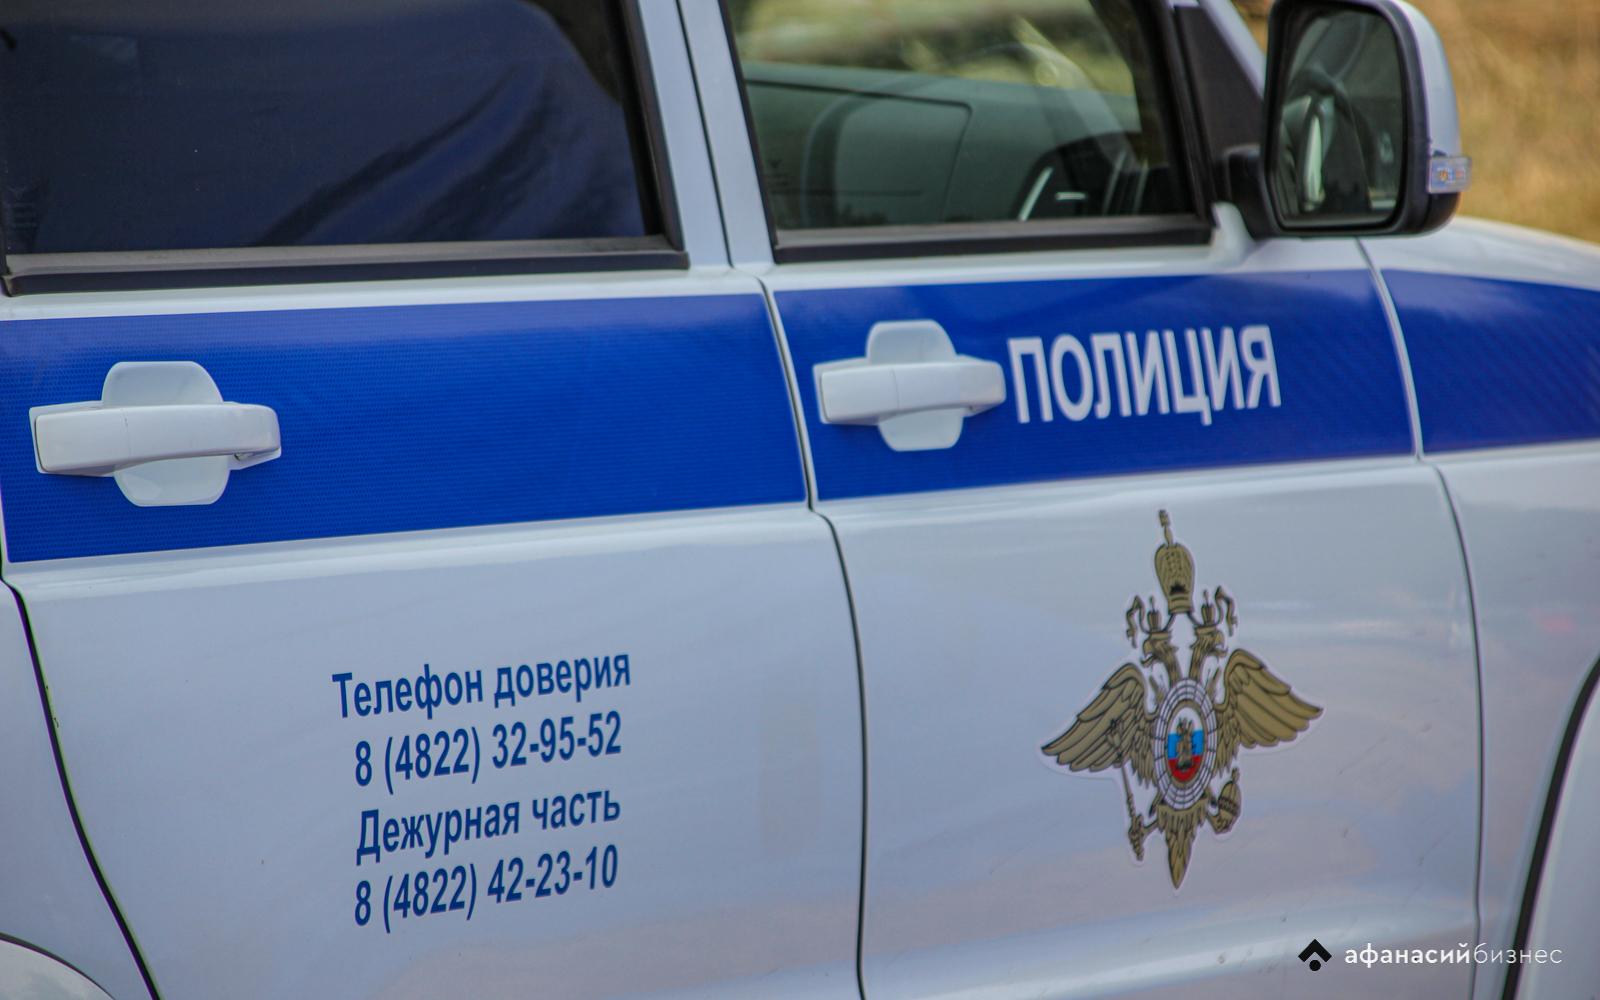 В Тверской области две девушки попались на краже телефона